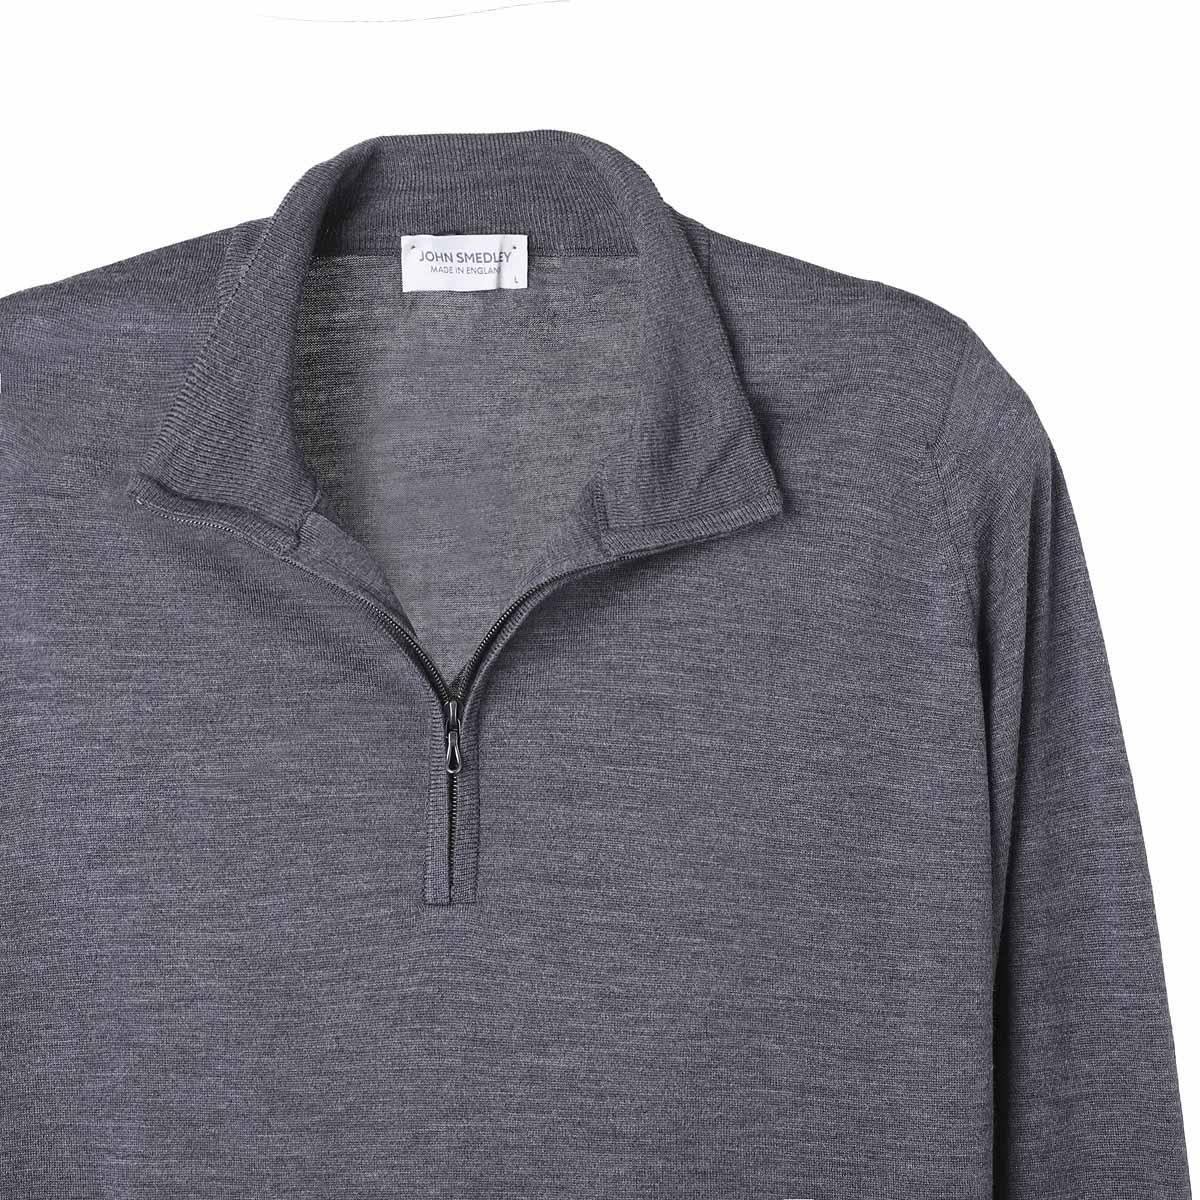 【タイムセール TOPS】JOHN SMEDLEY ジョンスメドレー ハーフジップ セーター/ハイネックセーター/BARROW バロー 30ゲージ メンズ